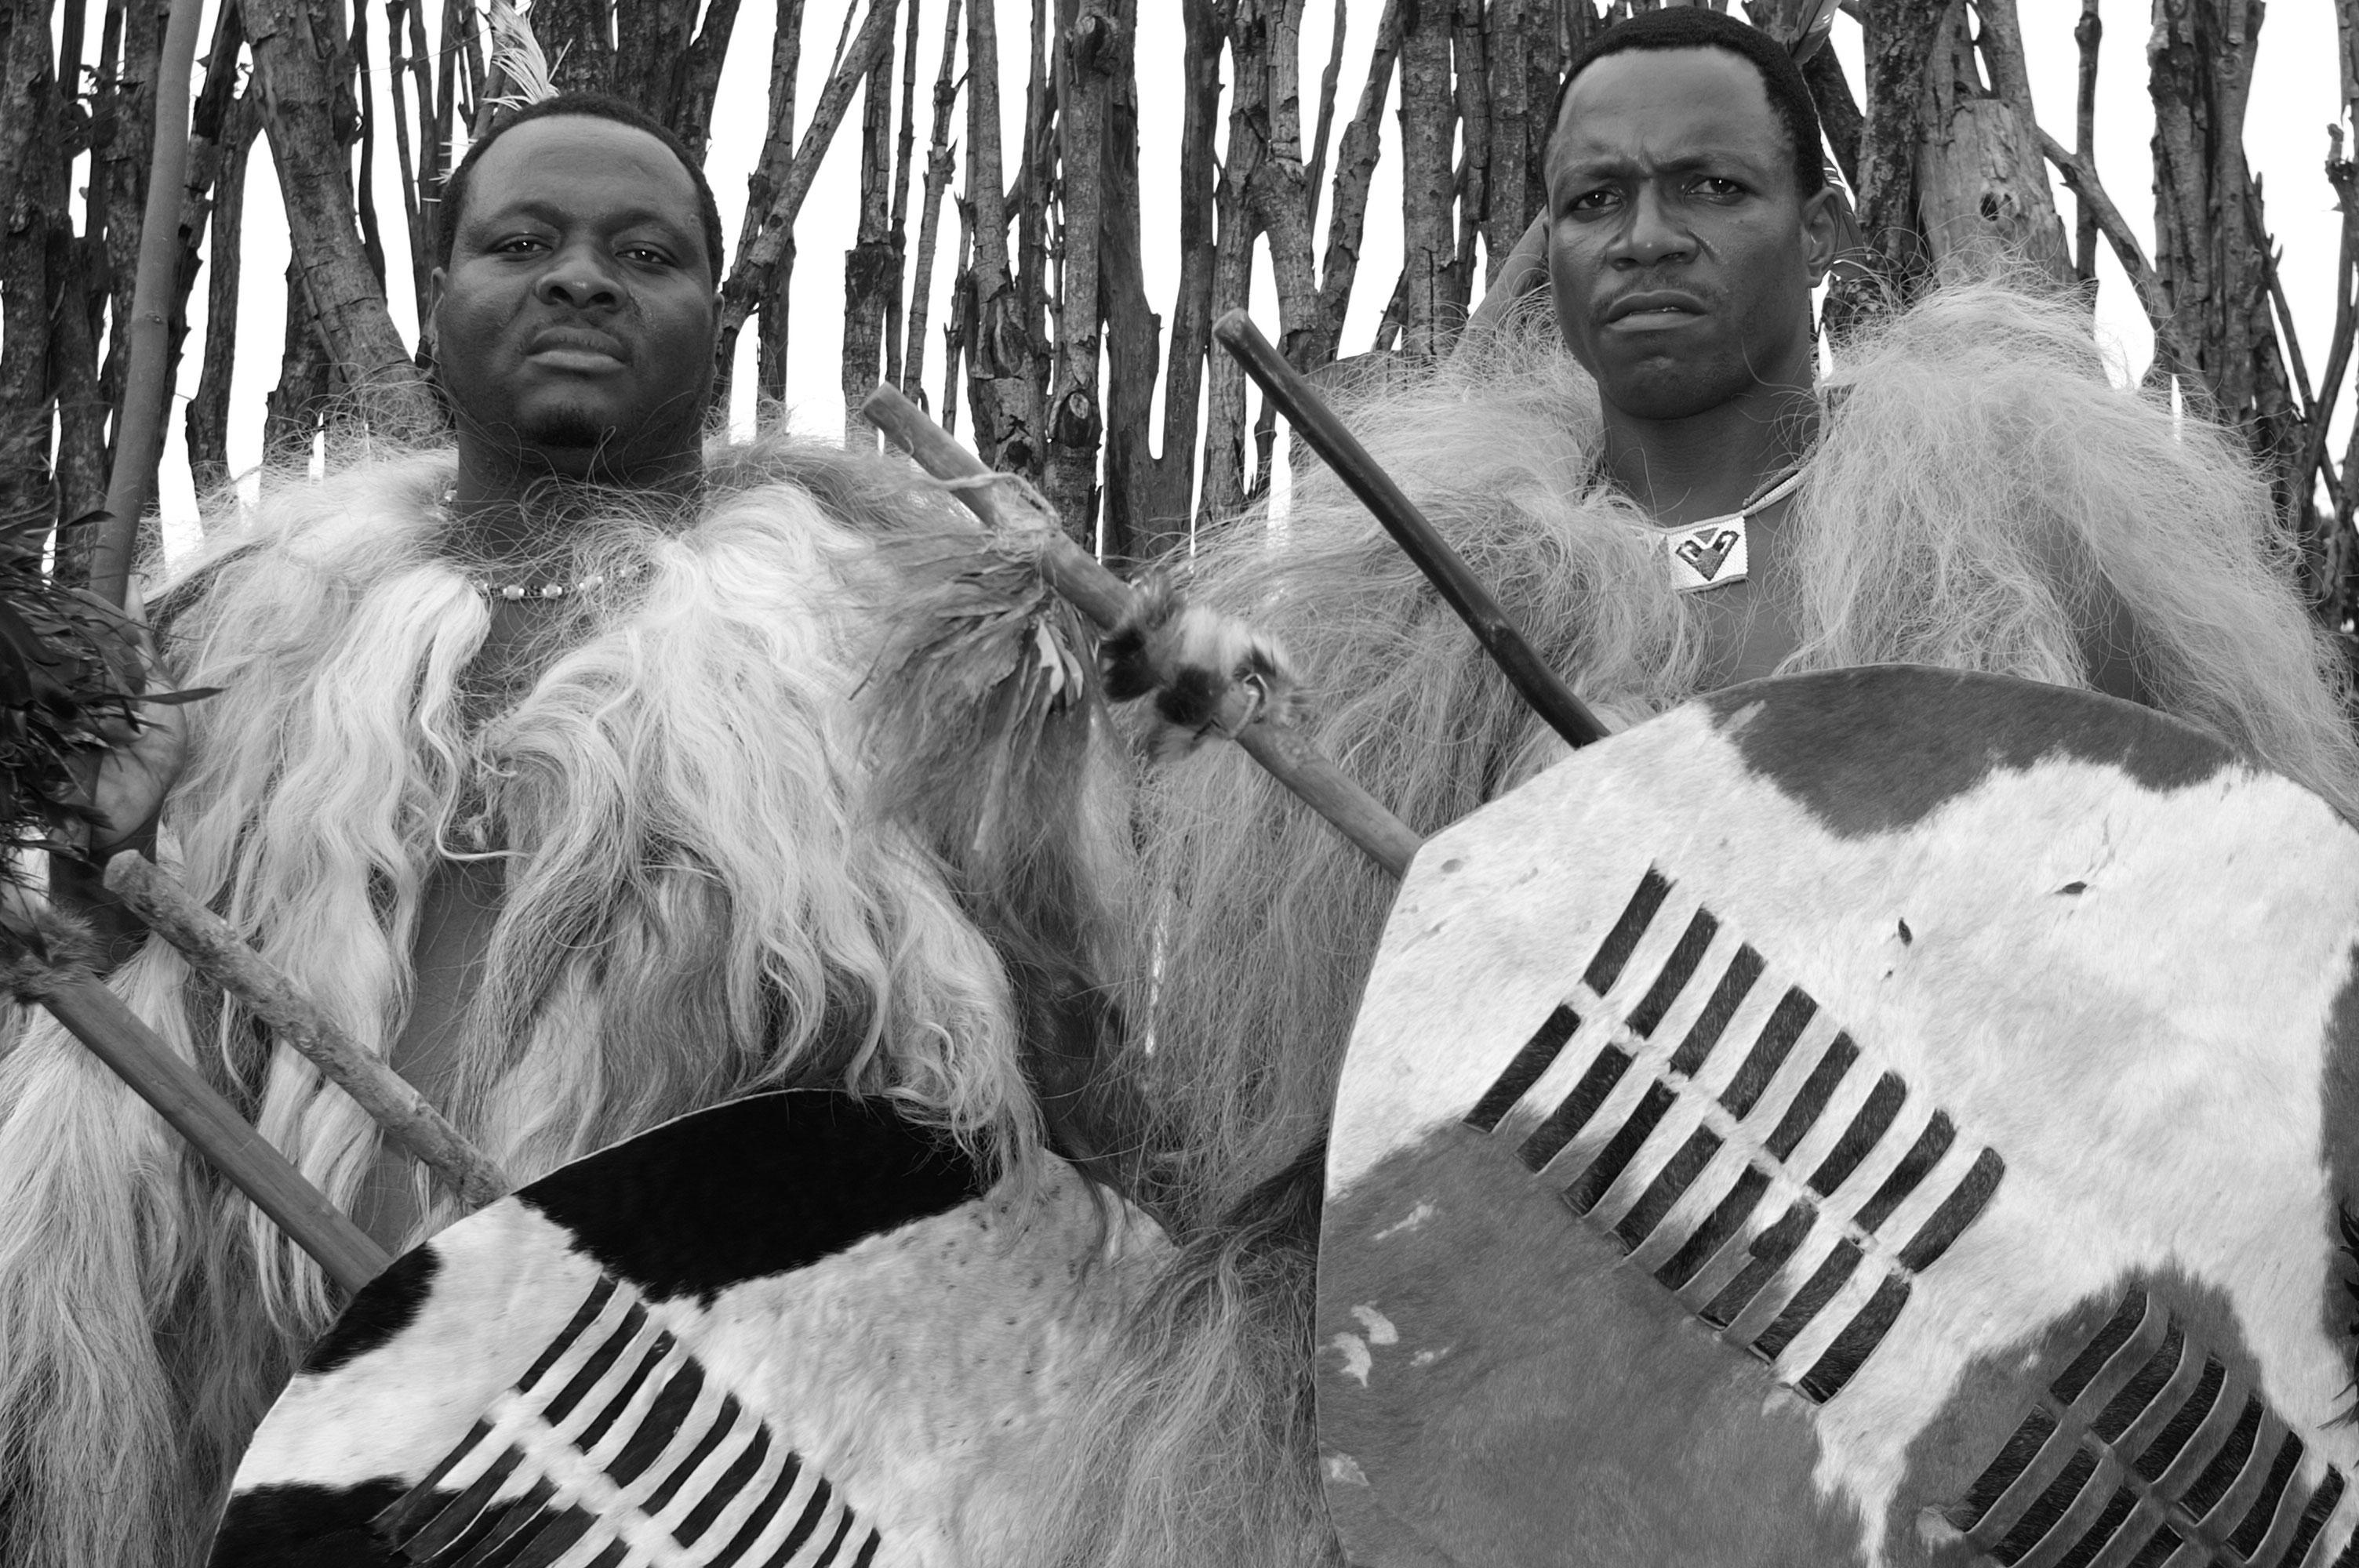 En el siglo XIX, los guerreros de Suazilandia consumían cannabis para ser más agresivos (© Wikimedia Commons